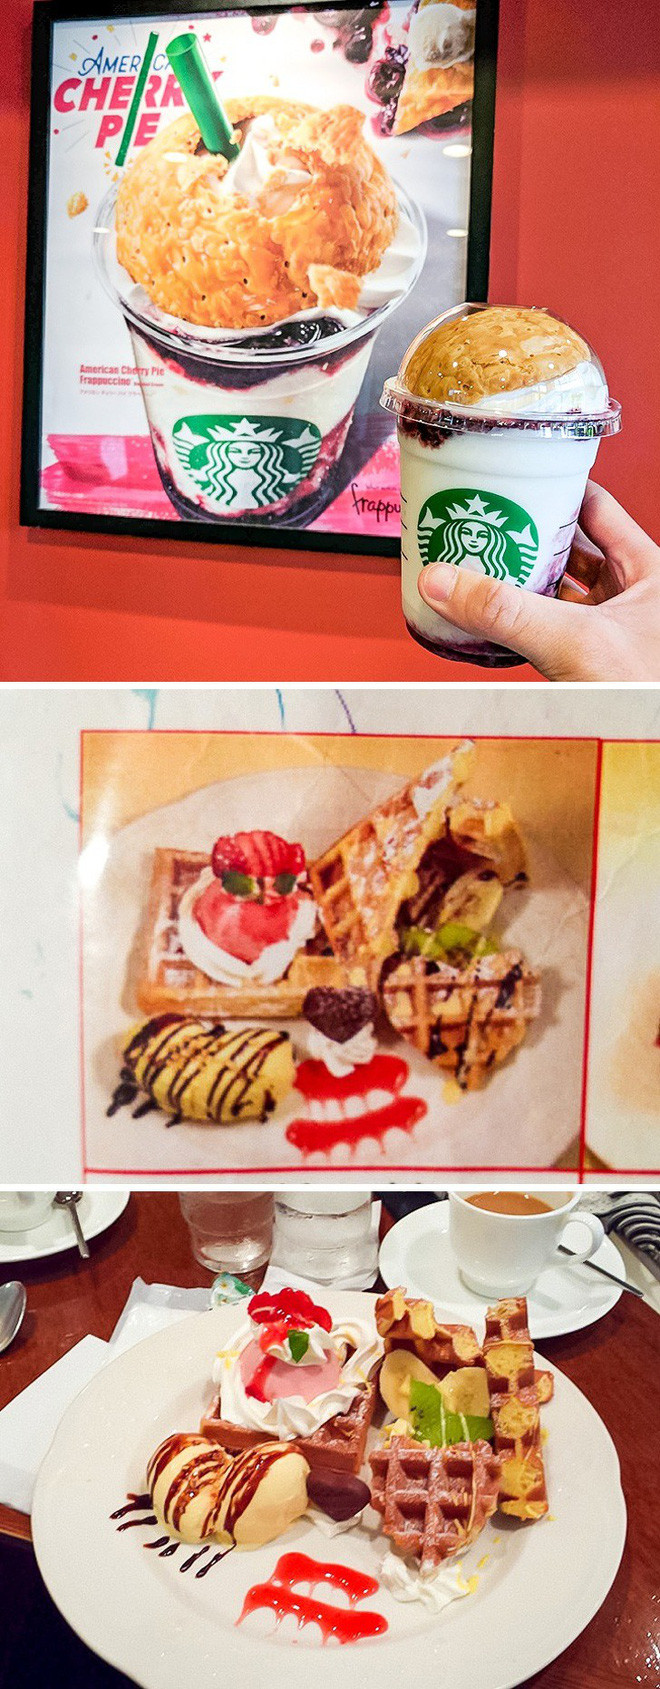 Hình ảnh trên bao bì giống hệt với món ăn khách hàng nhận được